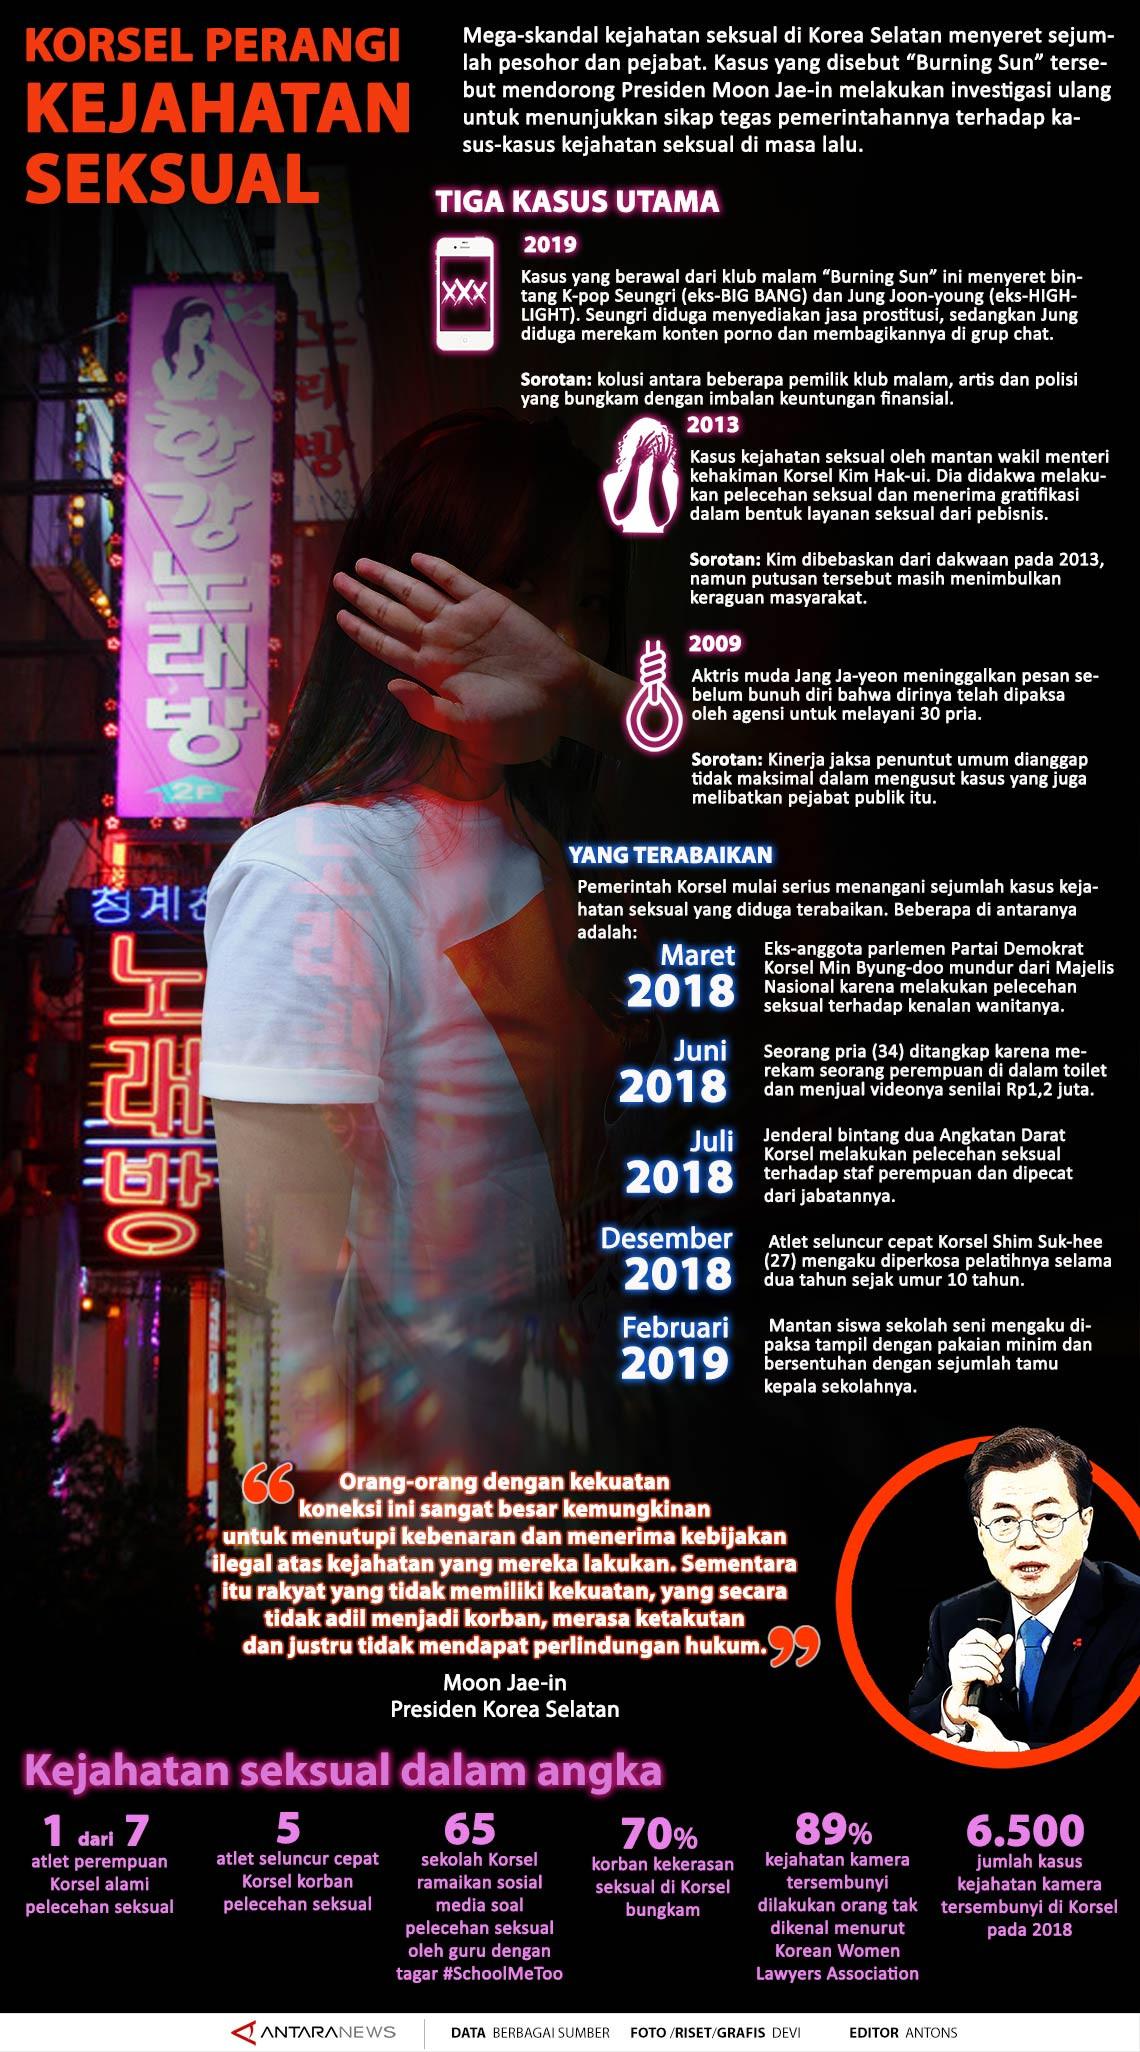 Korsel perangi kejahatan seksual